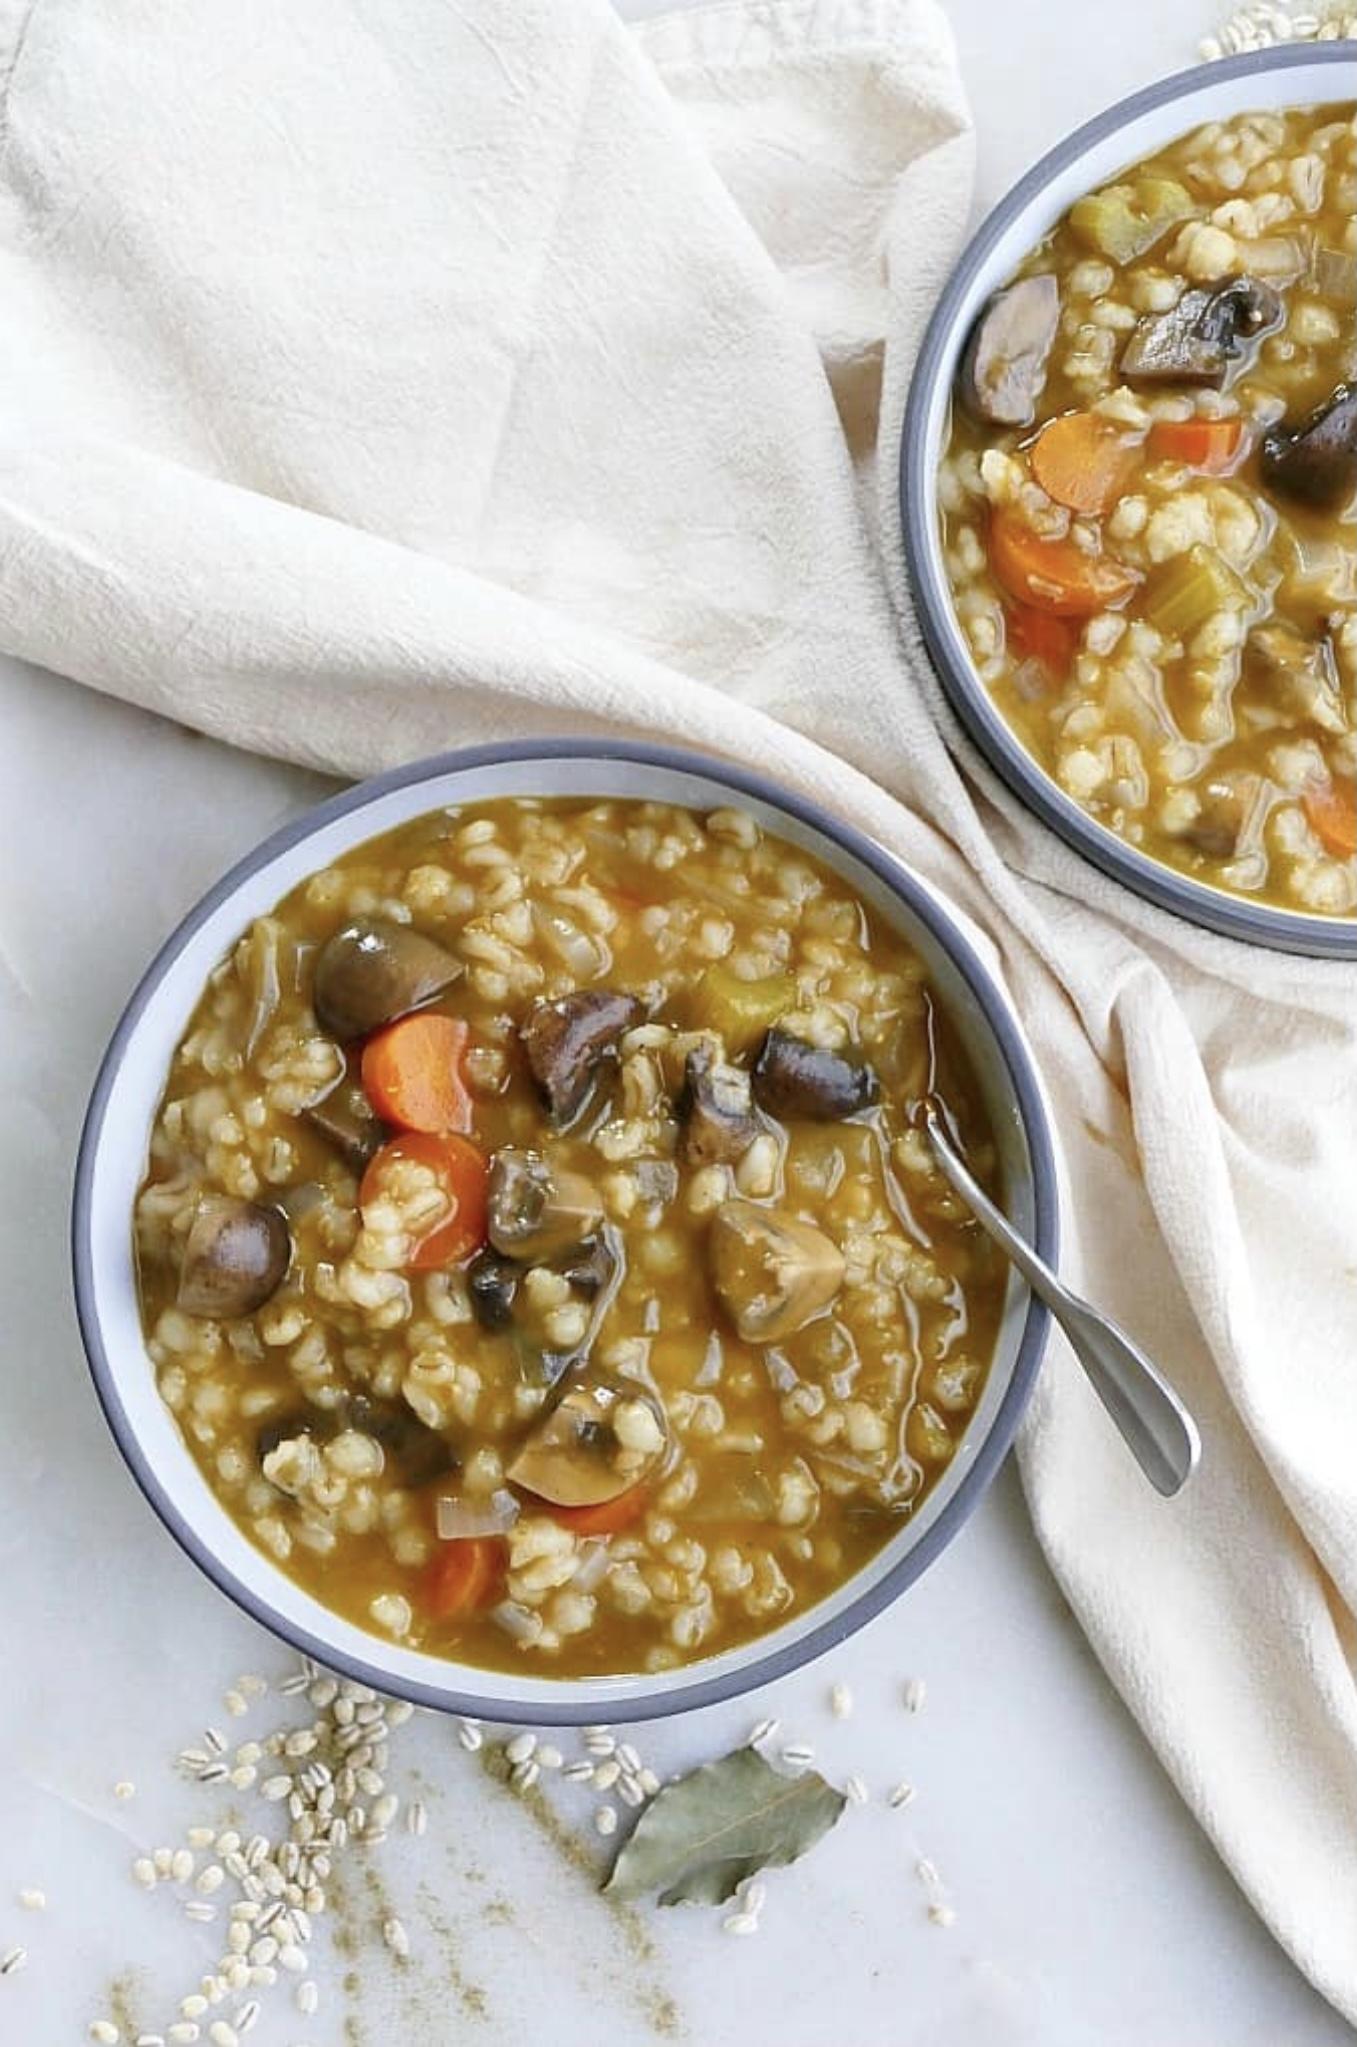 Slow Cooker Vegan Mushroom Barley Stew